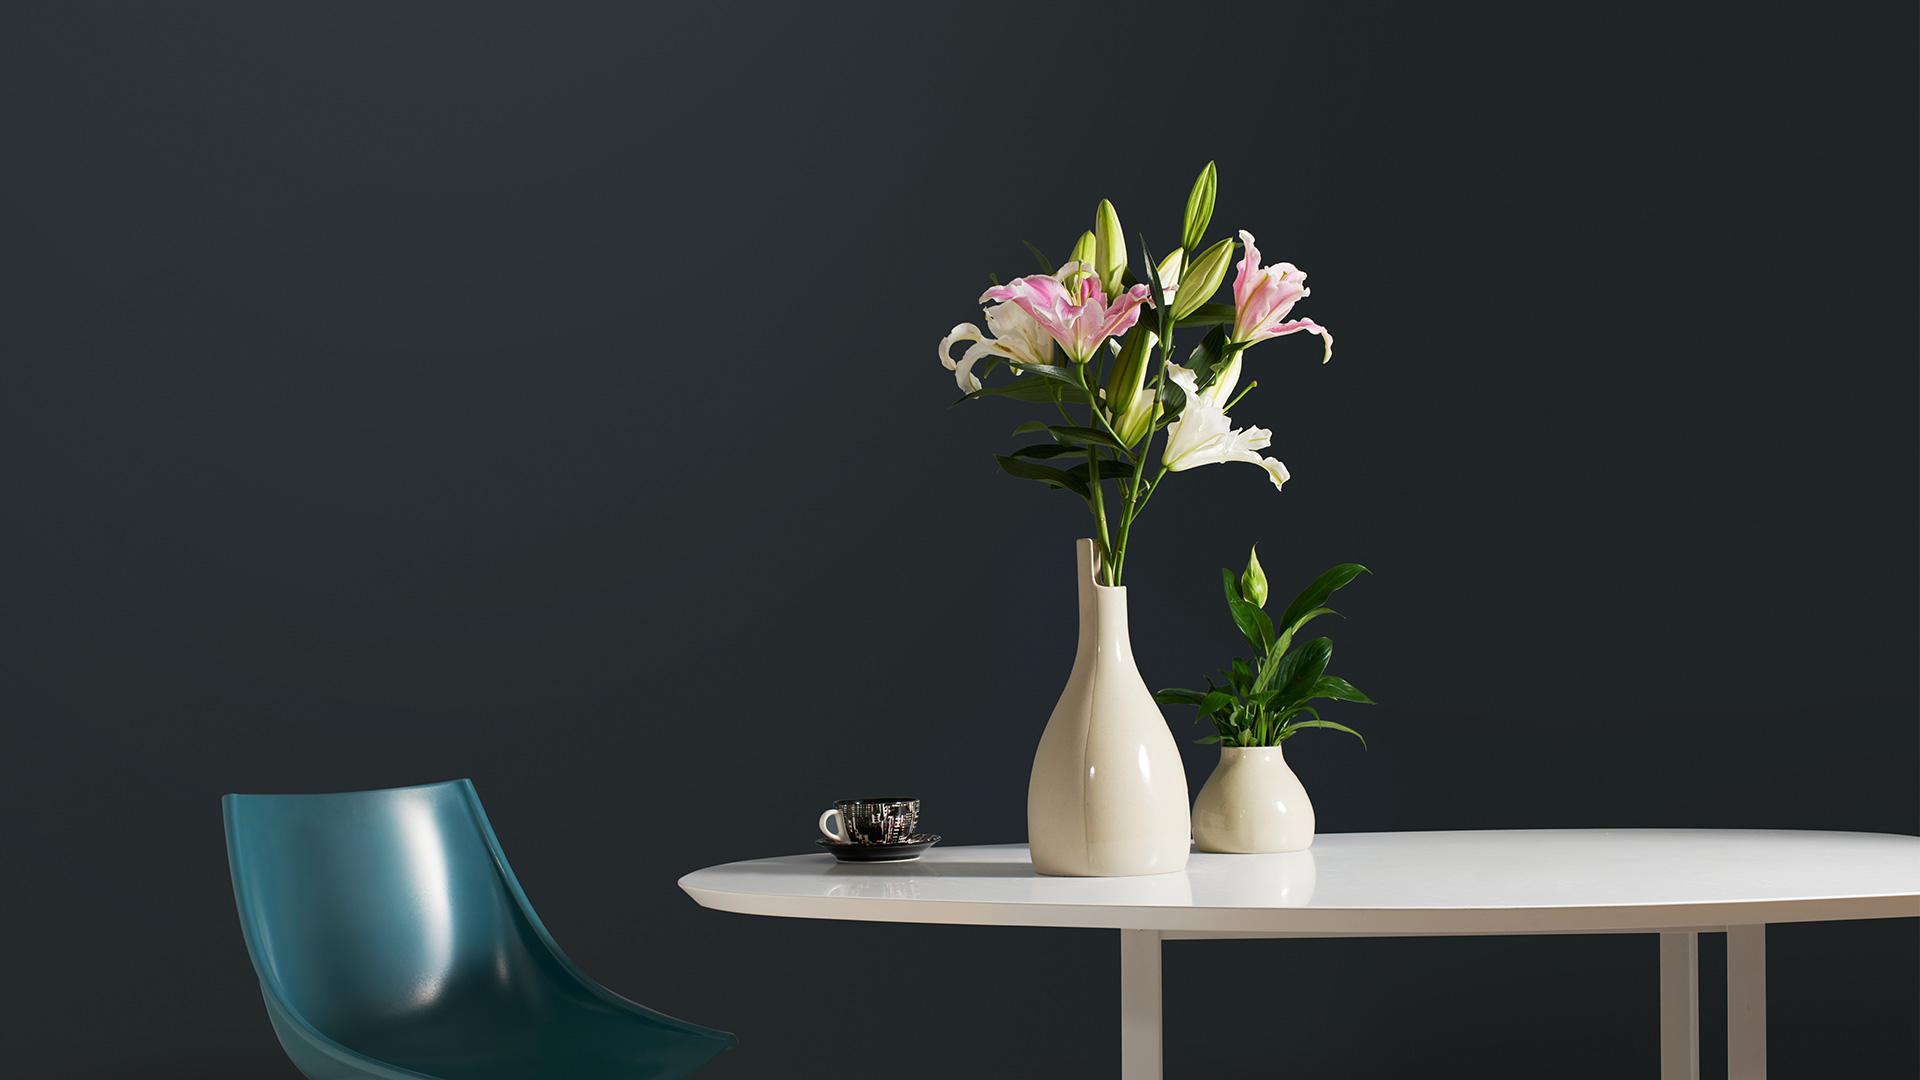 为餐厅提气的最快方式,莫过于找到和心水花材融为一体的绝配花器。用双生花瓶承托悠然的百合,质感餐厅添一抹性感柔媚。?x-oss-process=image/format,jpg/interlace,1